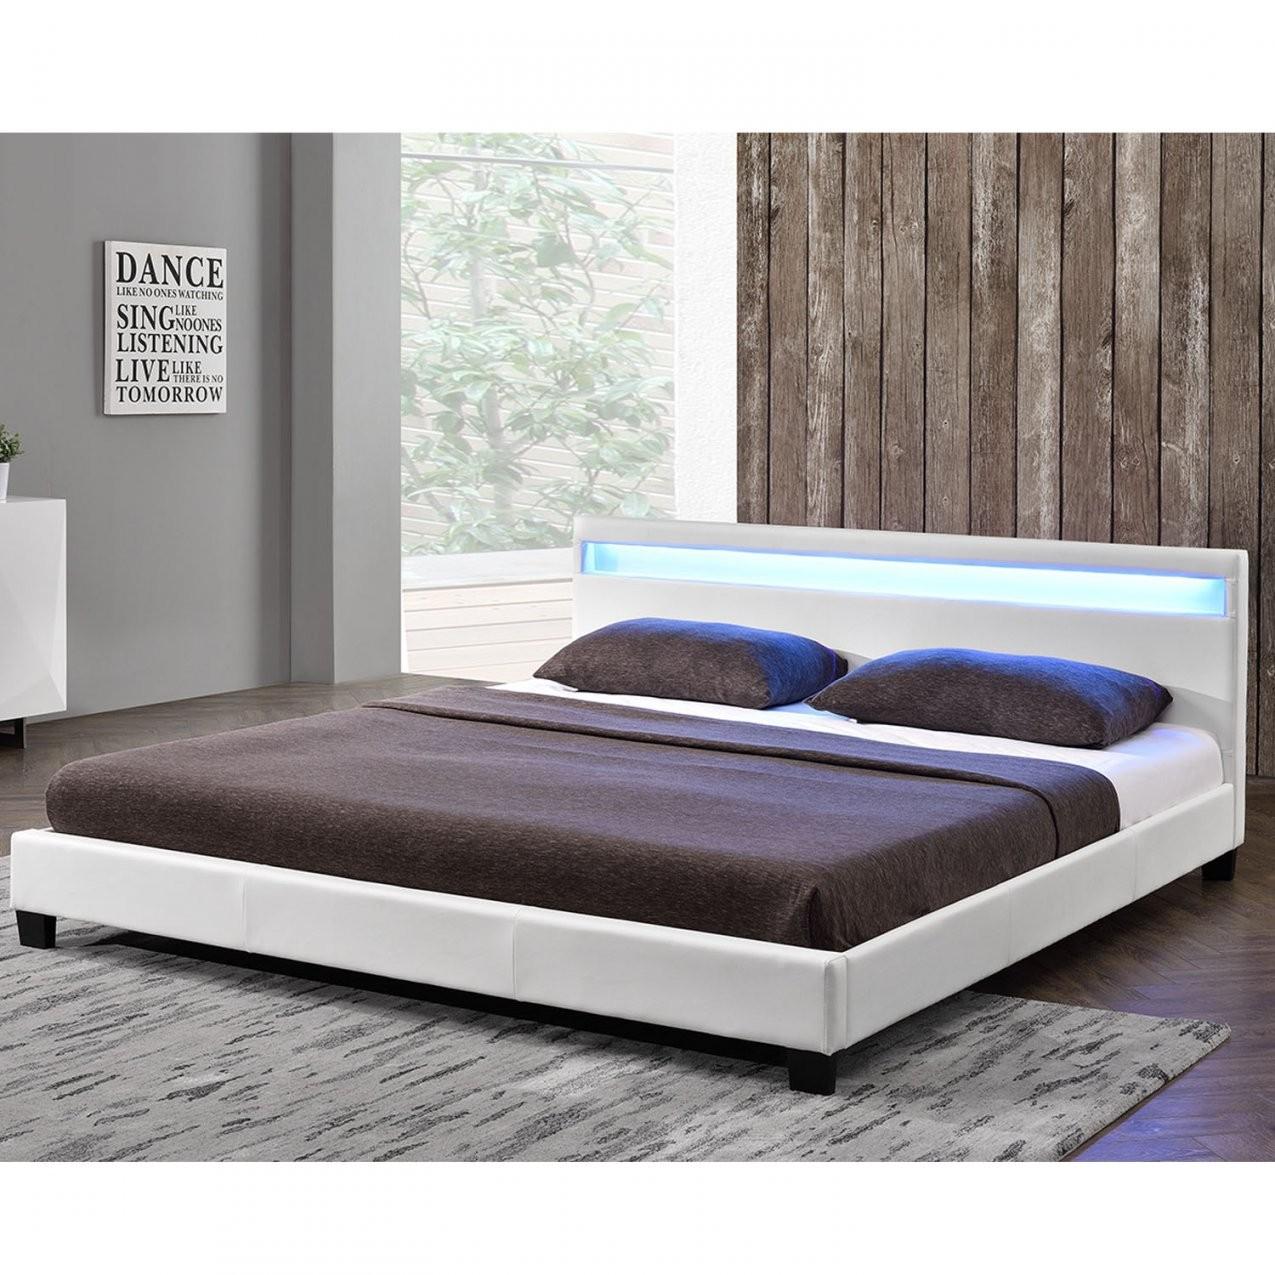 Polsterbetten Günstig Online Kaufen  Real von Bett 140X200 Mit Led Photo